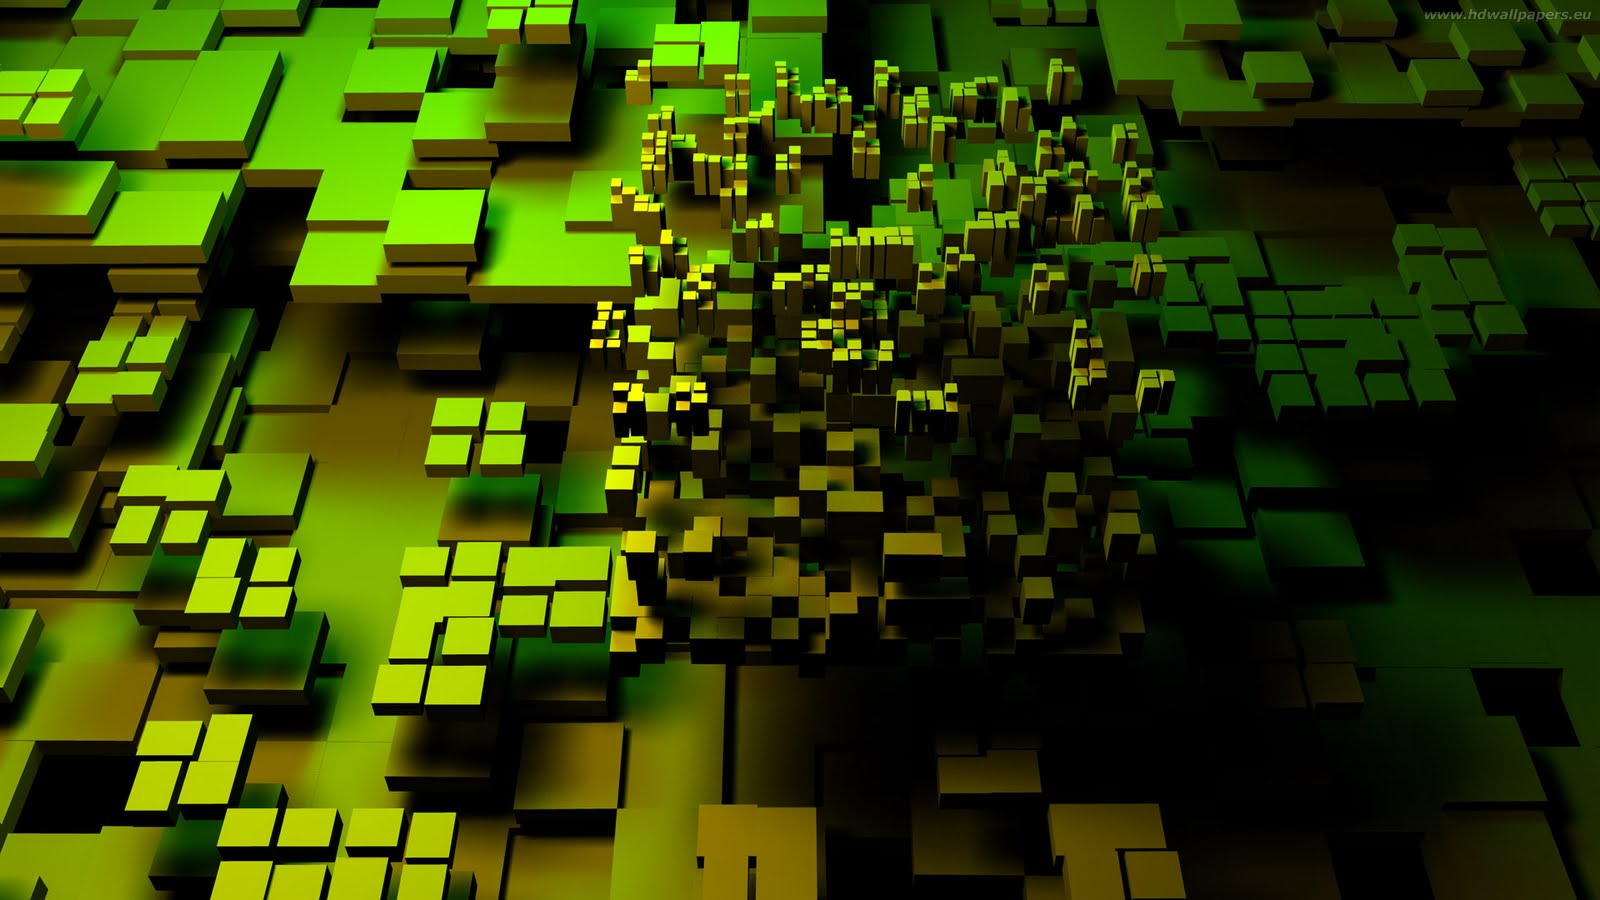 http://1.bp.blogspot.com/-InnLifDjGEY/T7lOLiqzeZI/AAAAAAAAC0U/cXjHJw4eocQ/s1600/3d-wide-wallpapers-1920x1080.jpg